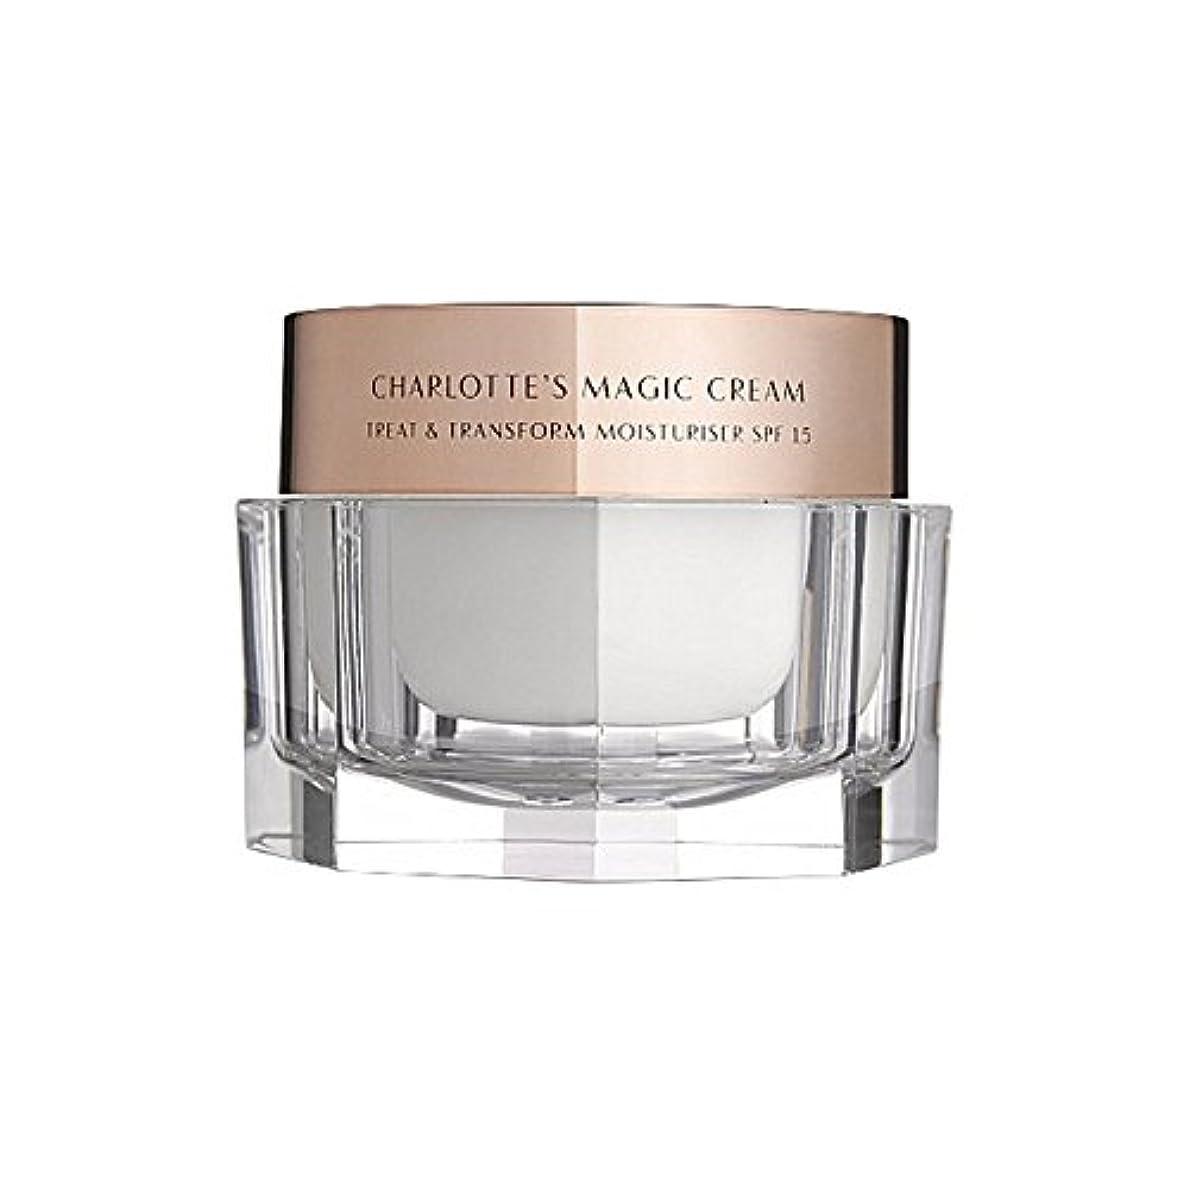 偽造待つ後方にCharlotte Tilbury Charlotte's Magic Cream Treat & Transform Moisturiser Spf 15 50Ml - シャーロット?ティルベリーシャーロットの魔法のクリームの御馳走&モイスチャライザー 15 50ミリリットルを変換 [並行輸入品]